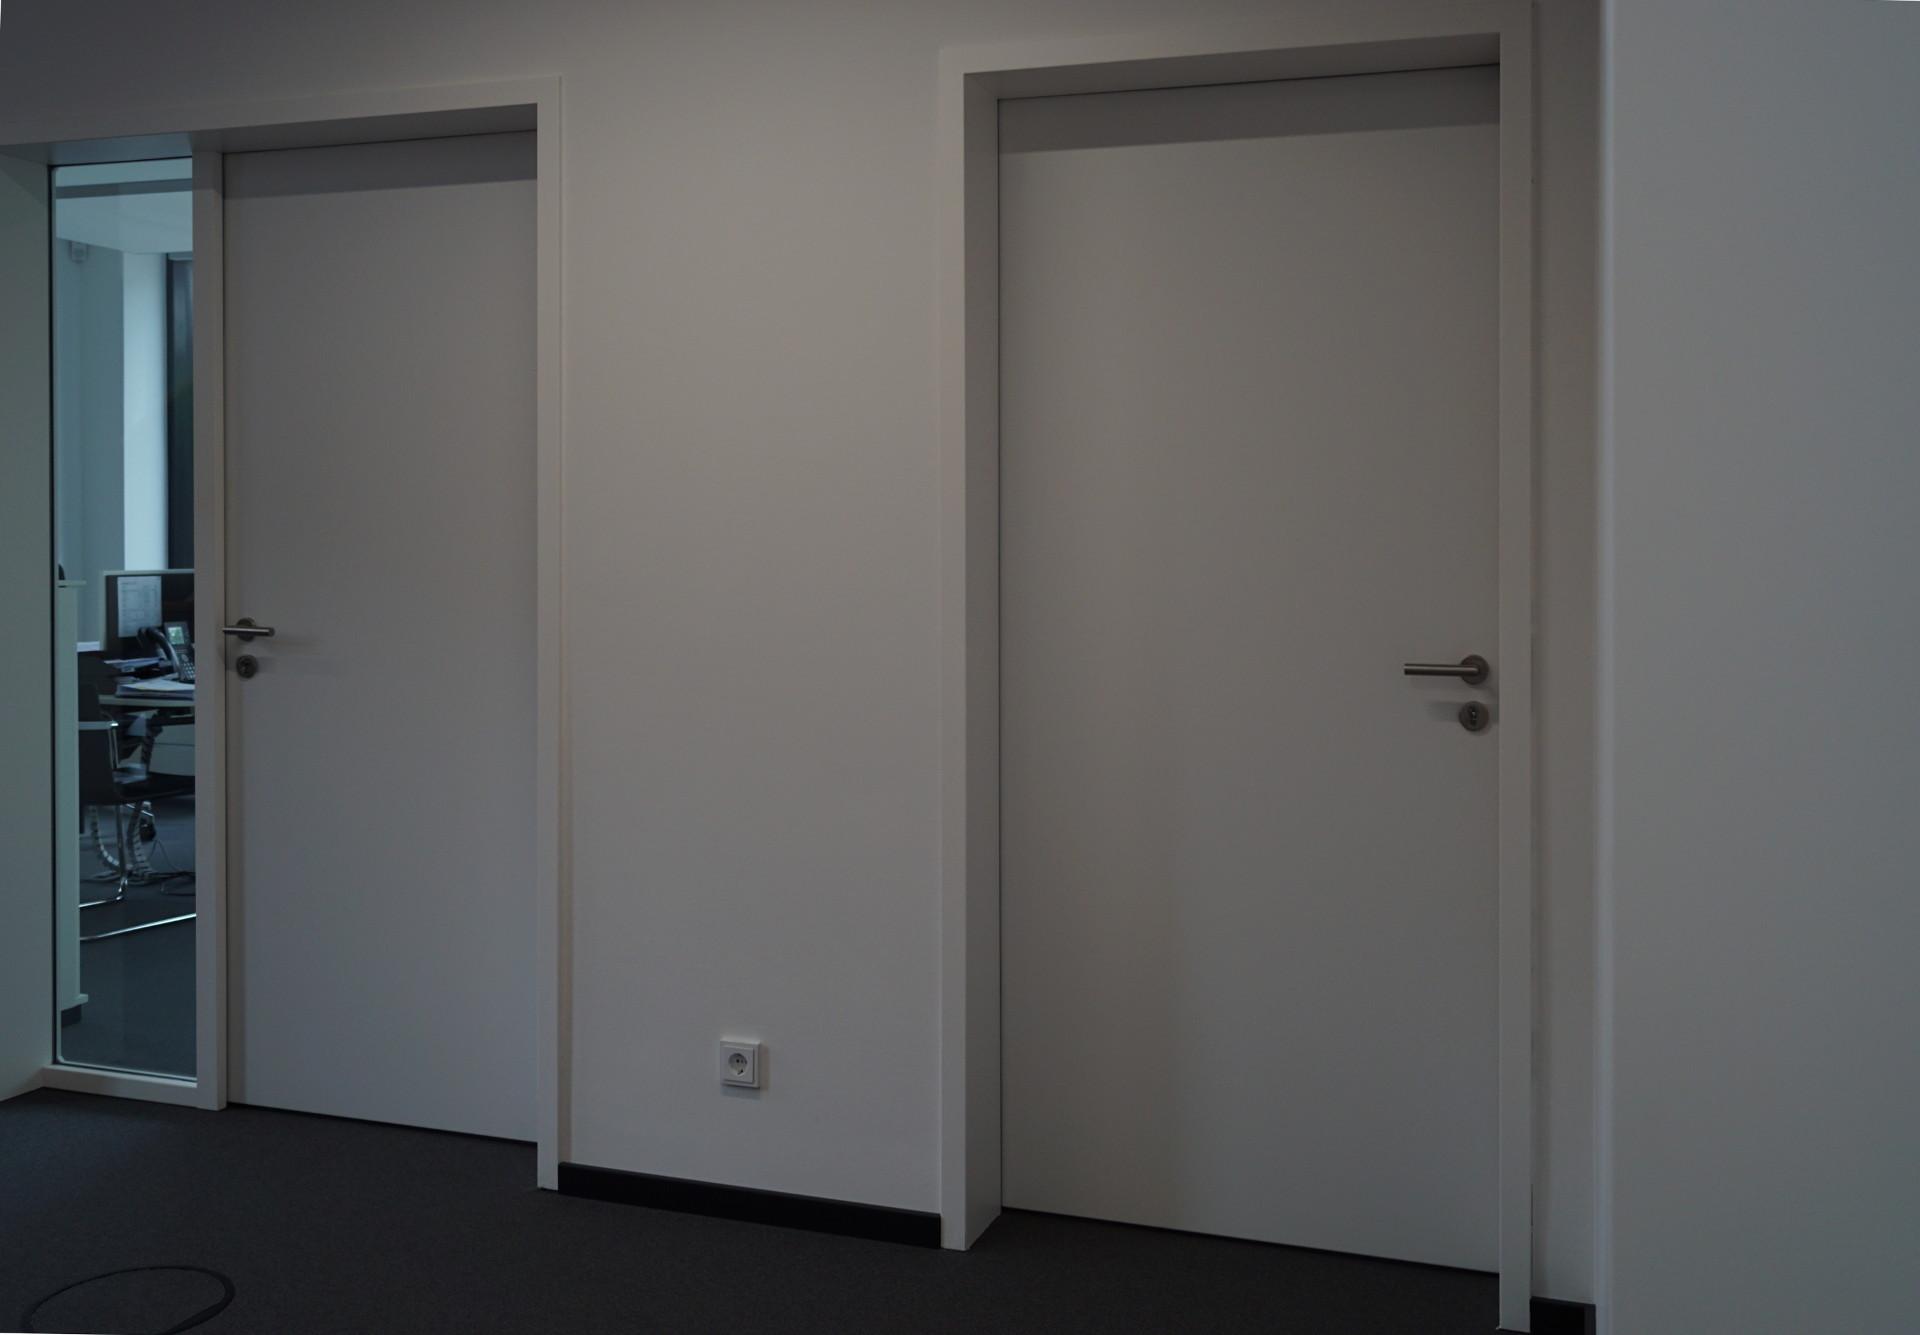 Wohn- und Geschäftshaus Burgwedel | Theodor Schulte GmbH